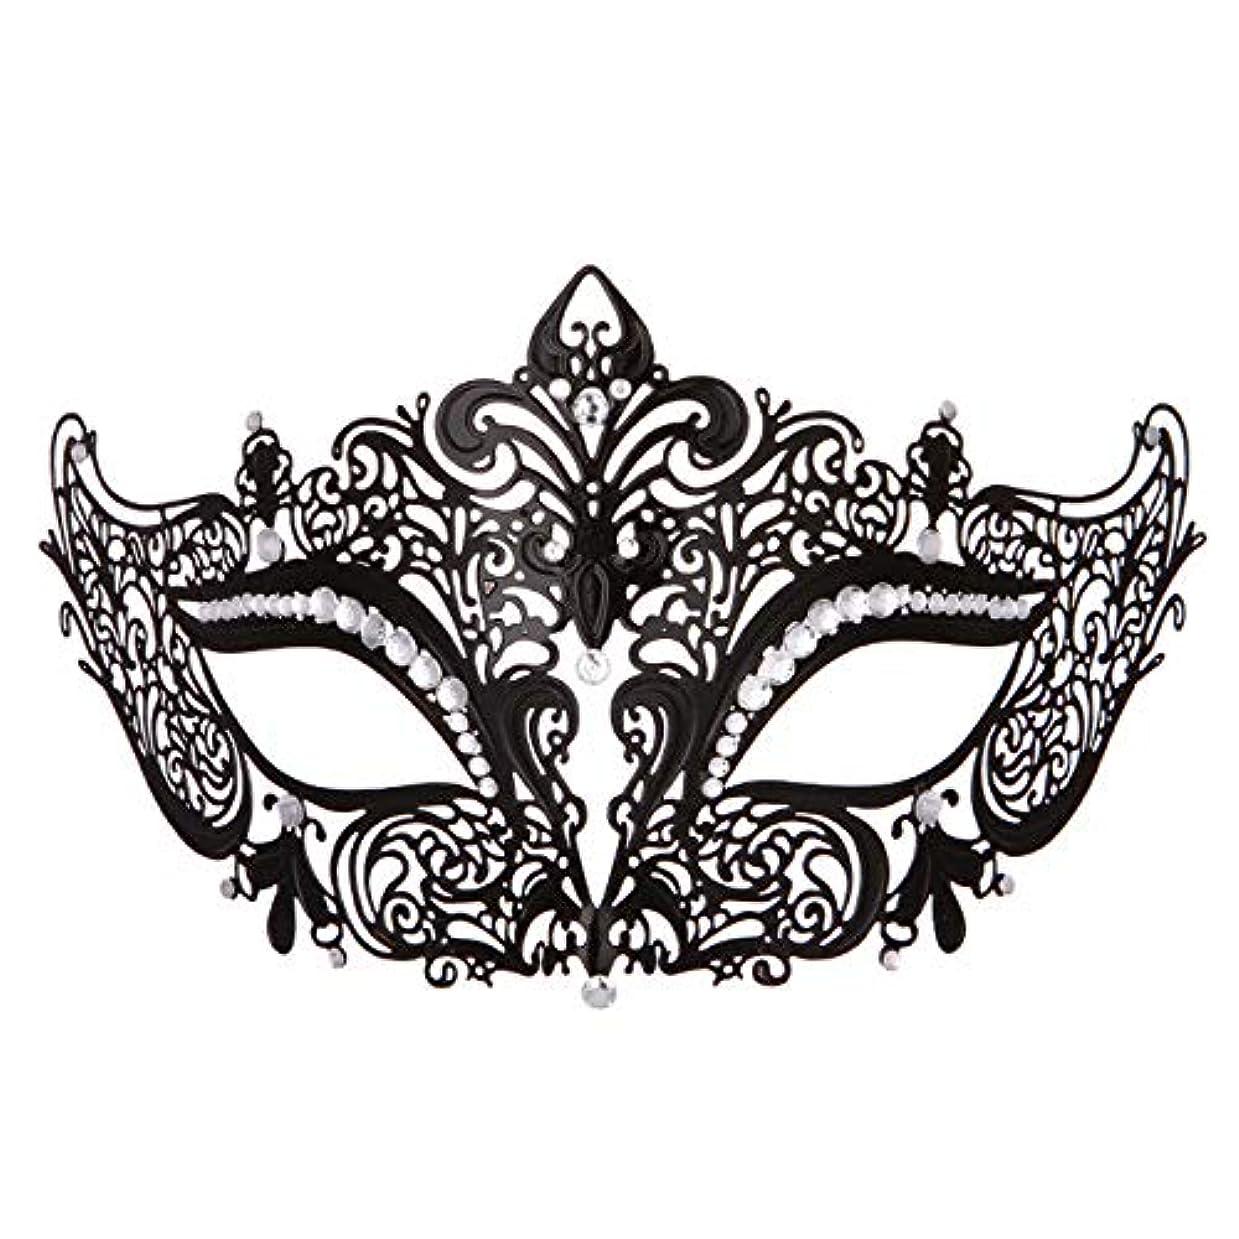 シャットそれぞれいらいらさせるメタルマスク/ダイヤモンドカットマスク/アイアンマスクキャットヘッドブラック/ハロウィーン、パーティー、仮面舞踏会、お祝いマスク